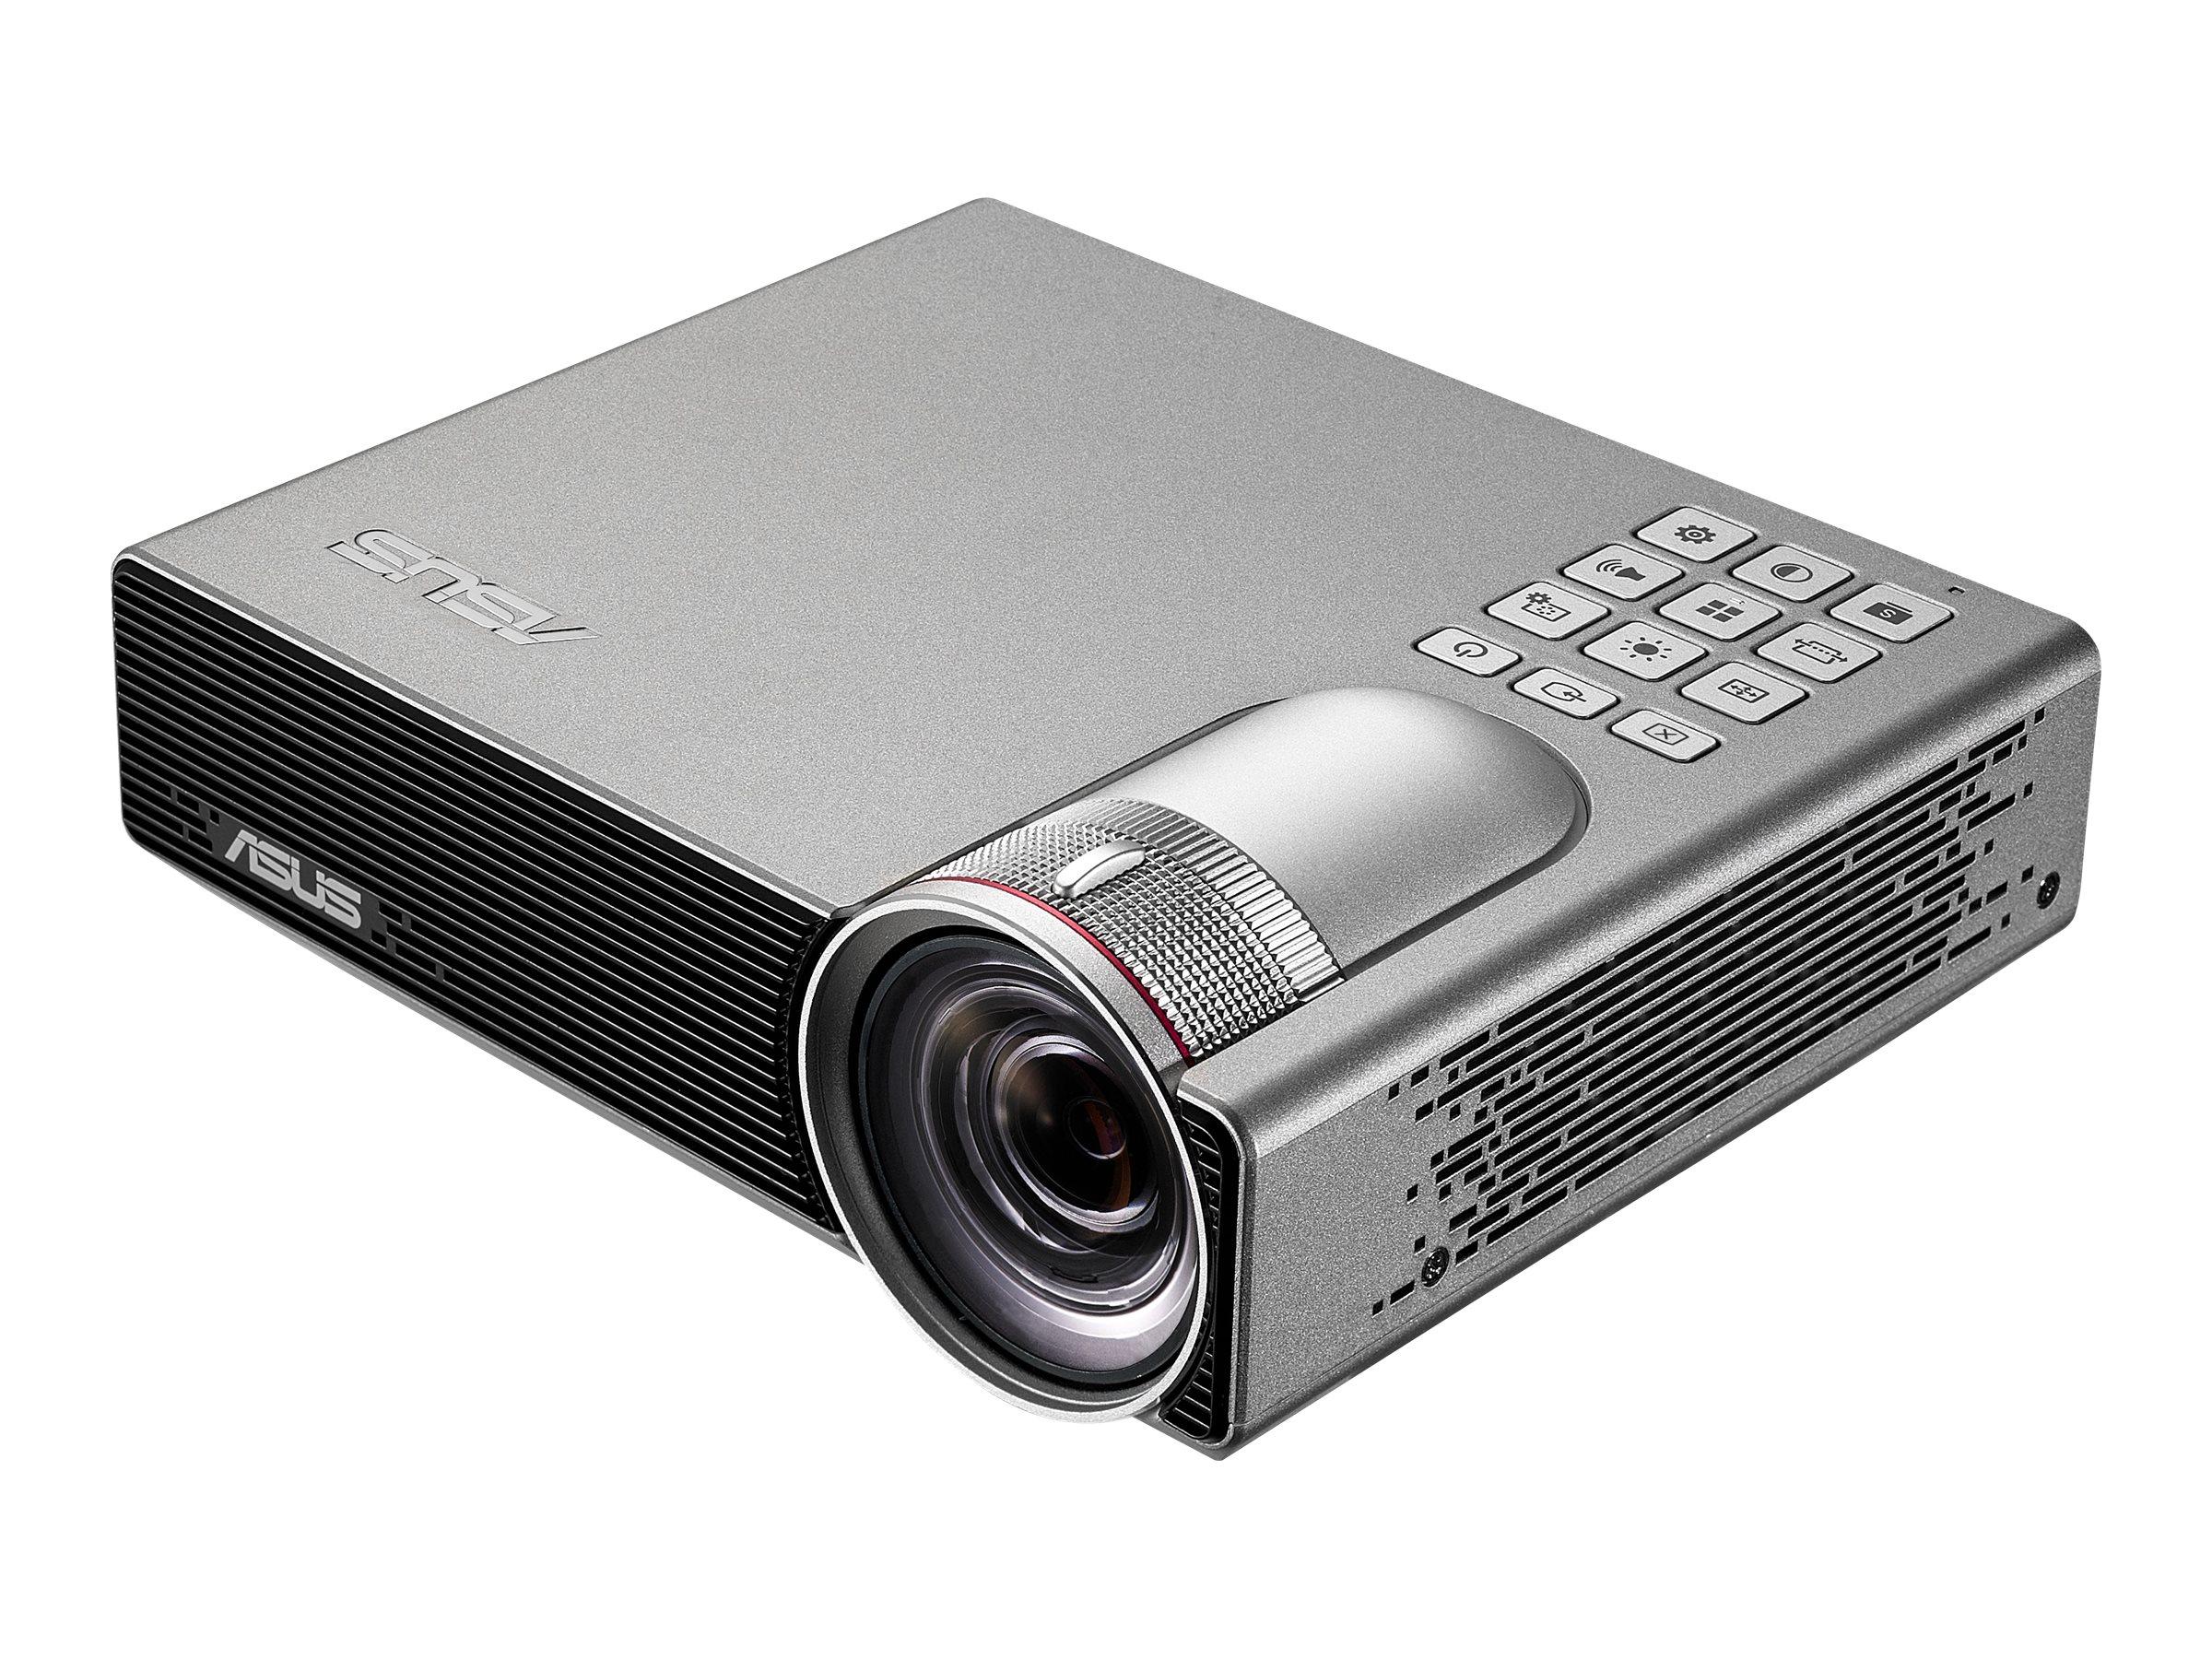 ASUS P3E - DLP-Projektor - RGB LED - 3D - 800 lm - WXGA (1280 x 800)